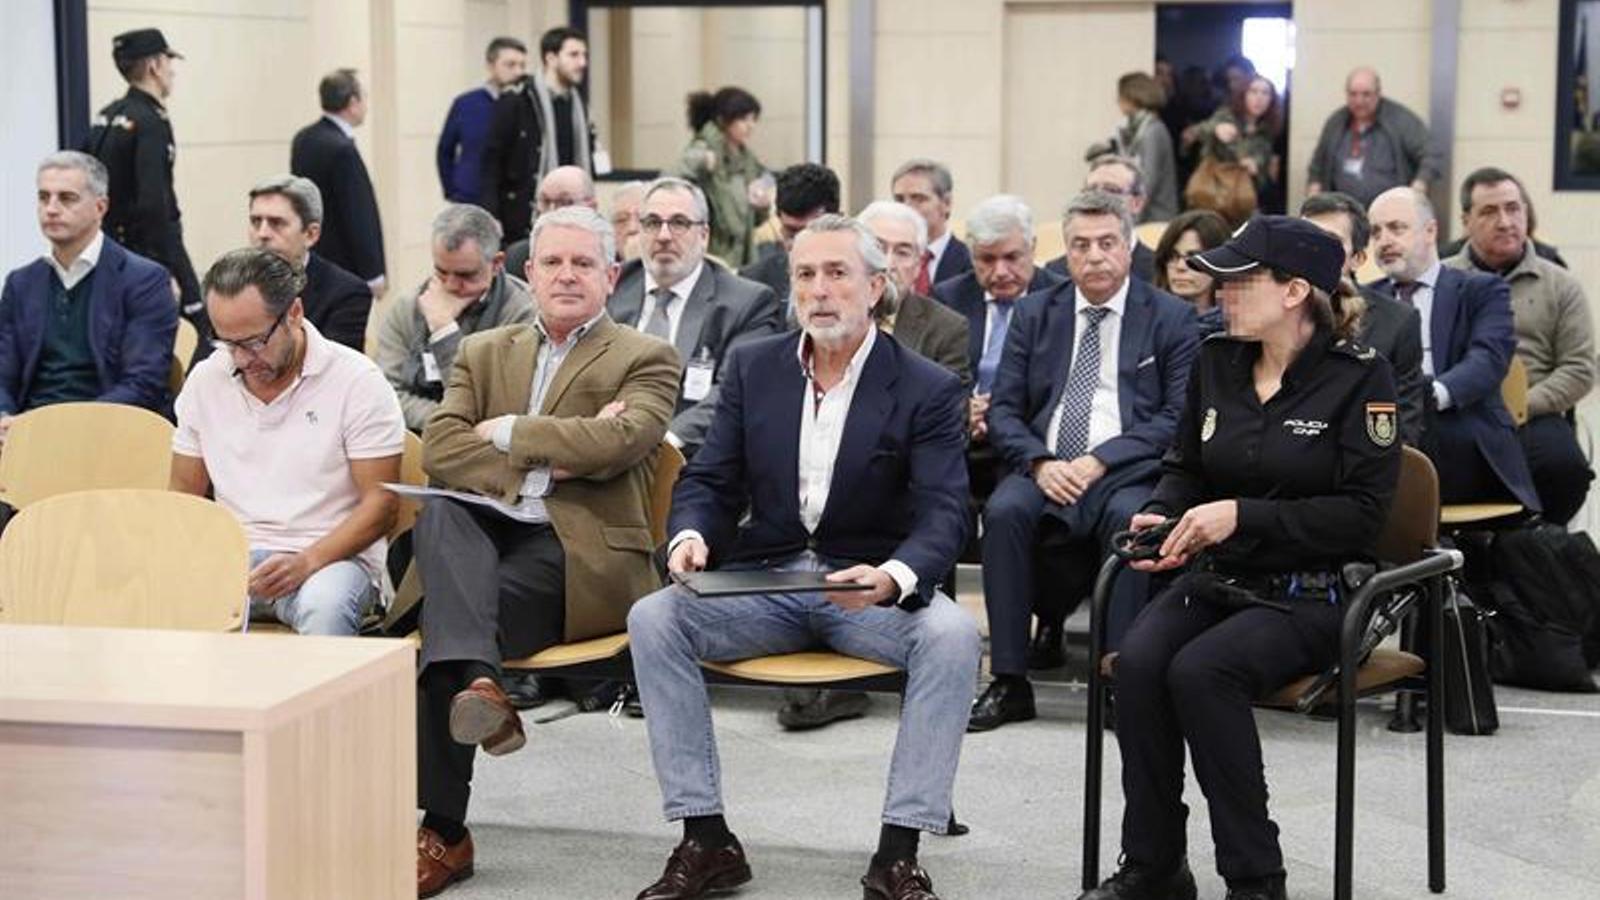 Nou empresaris processats en el cas Gürtel valencià admeten haver finançat il·legalment el PP de Francisco Camps